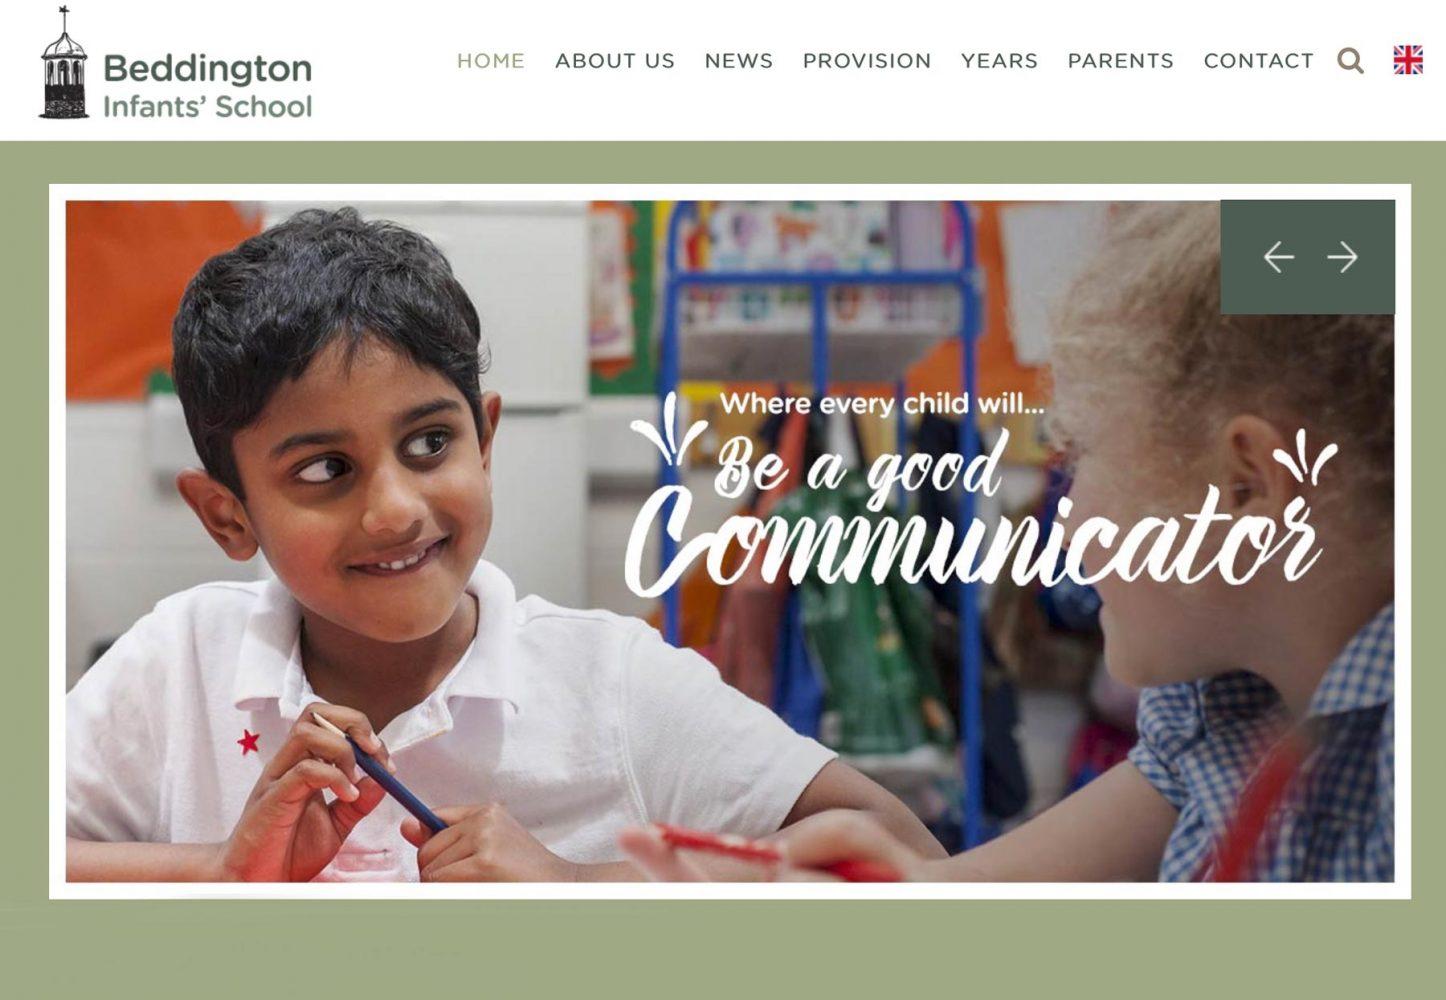 Screenshot of school website homepage photography